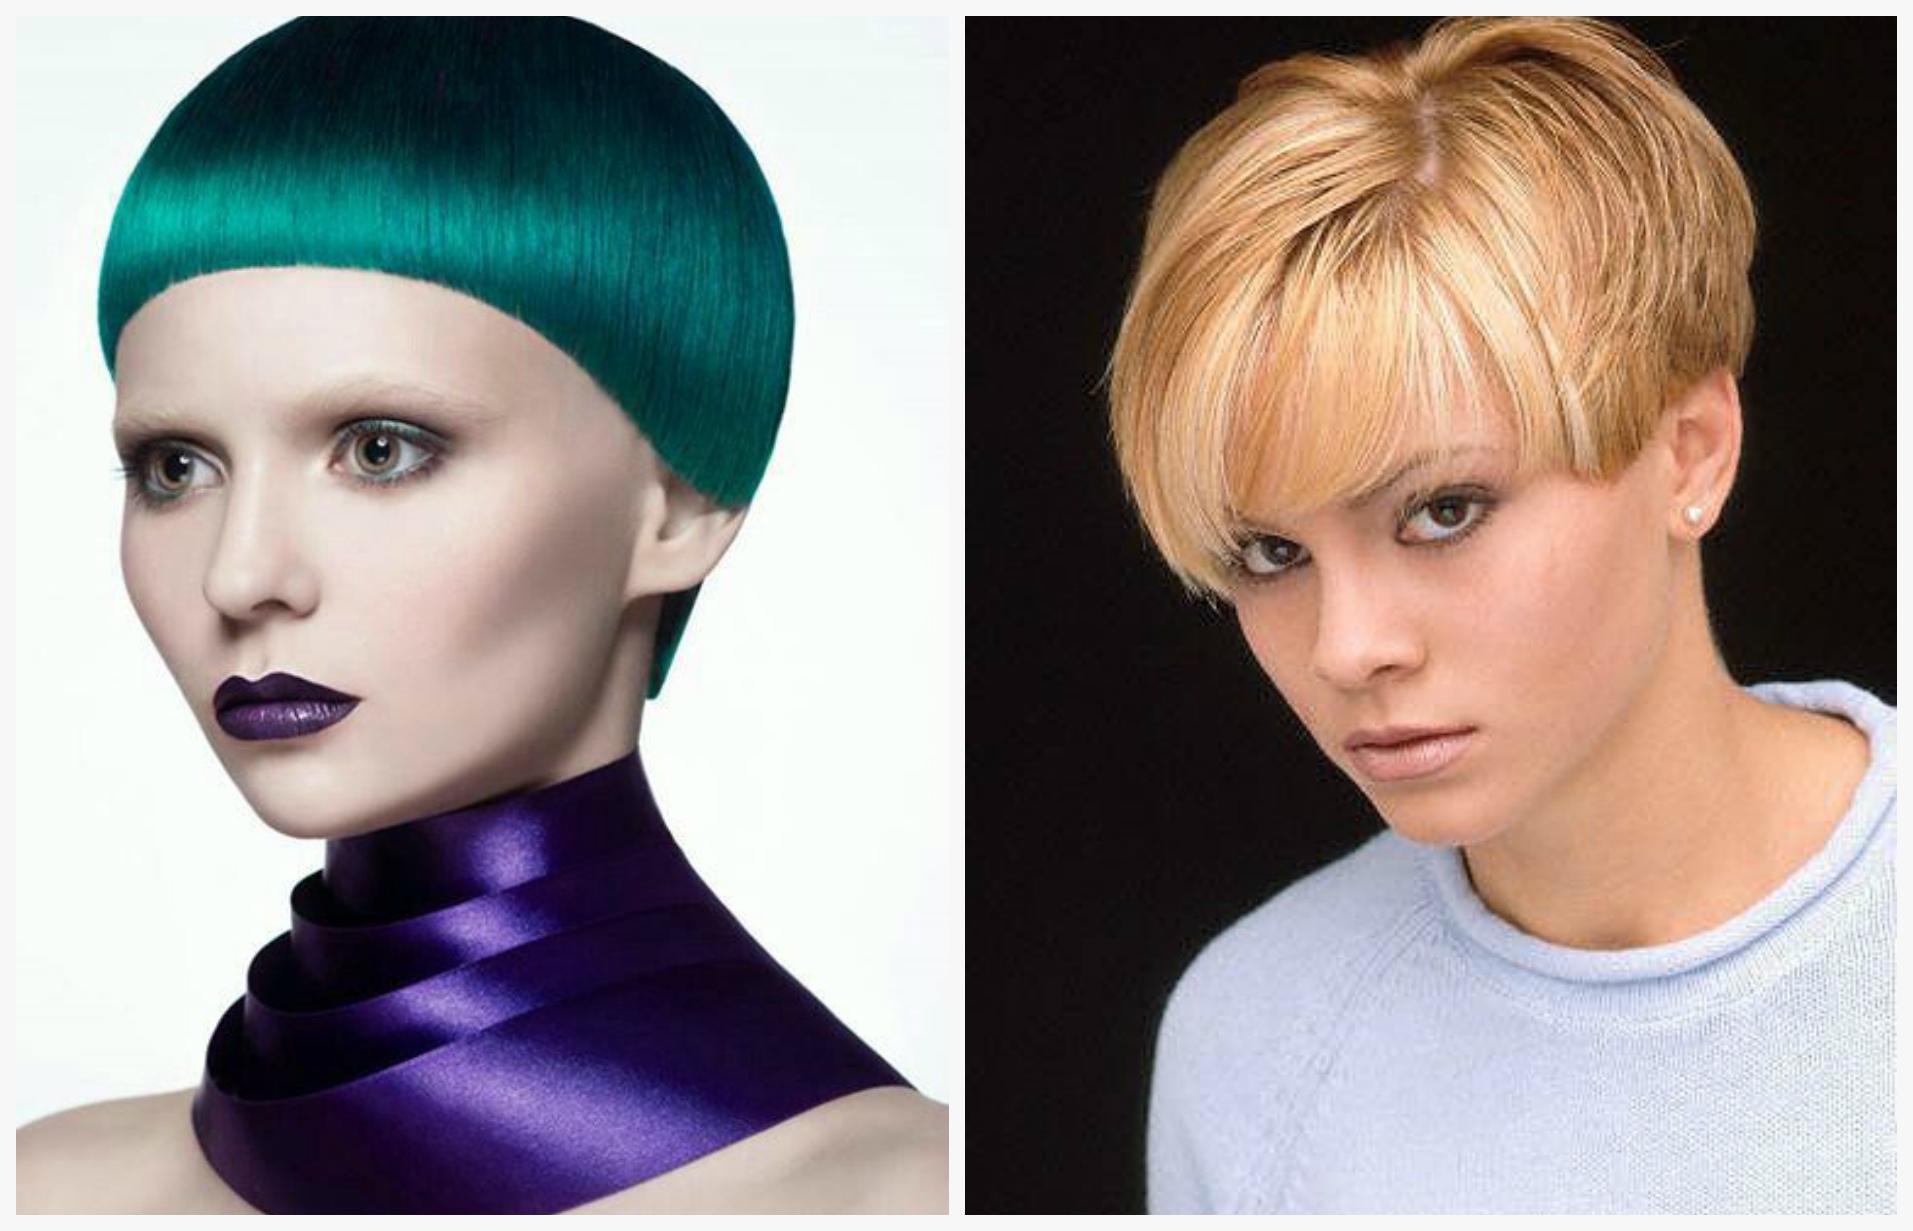 image80-1 | Модные женские стрижки на короткие волосы: основные правила и варианты исполнения